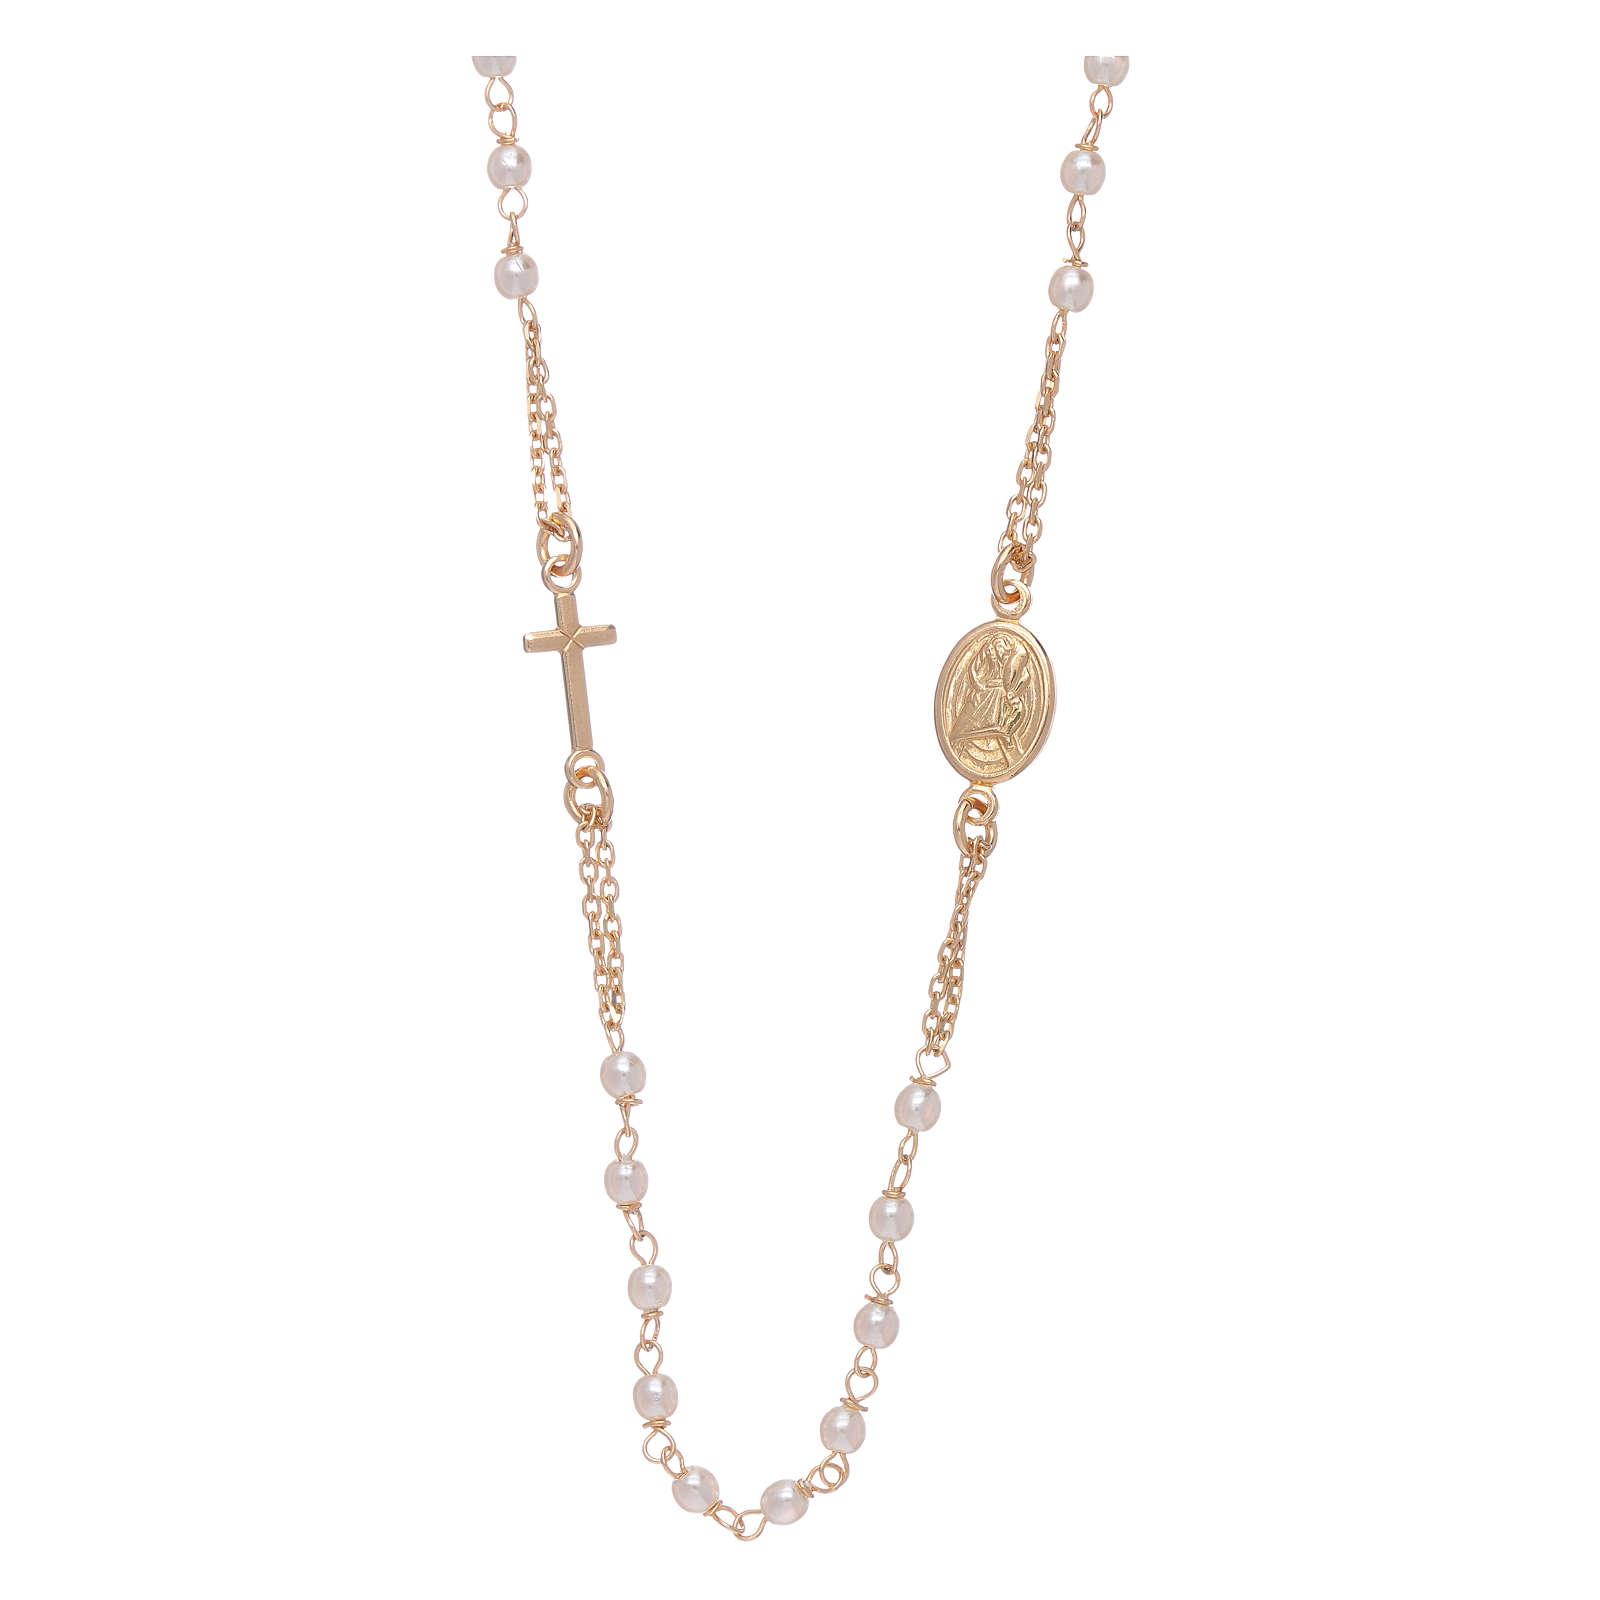 Chapelet tour de cou AMEN Jubilé argent 925 doré perles Swarovski 4